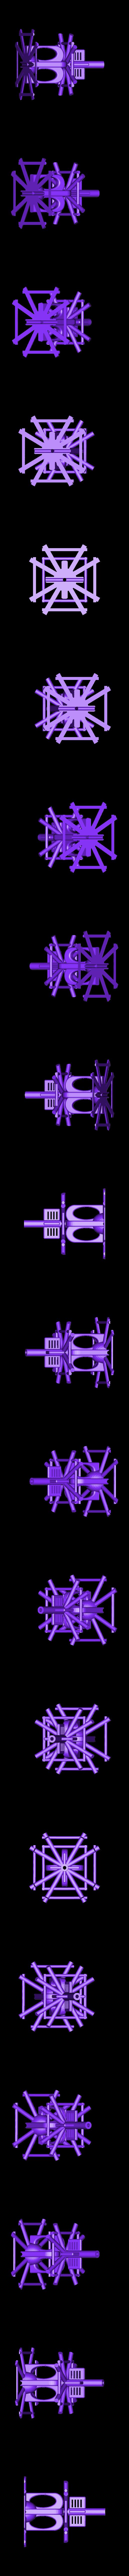 warhead_6_clear_core_part_1.stl Download free STL file GI Joe Nanomites warhead • 3D print model, poblocki1982